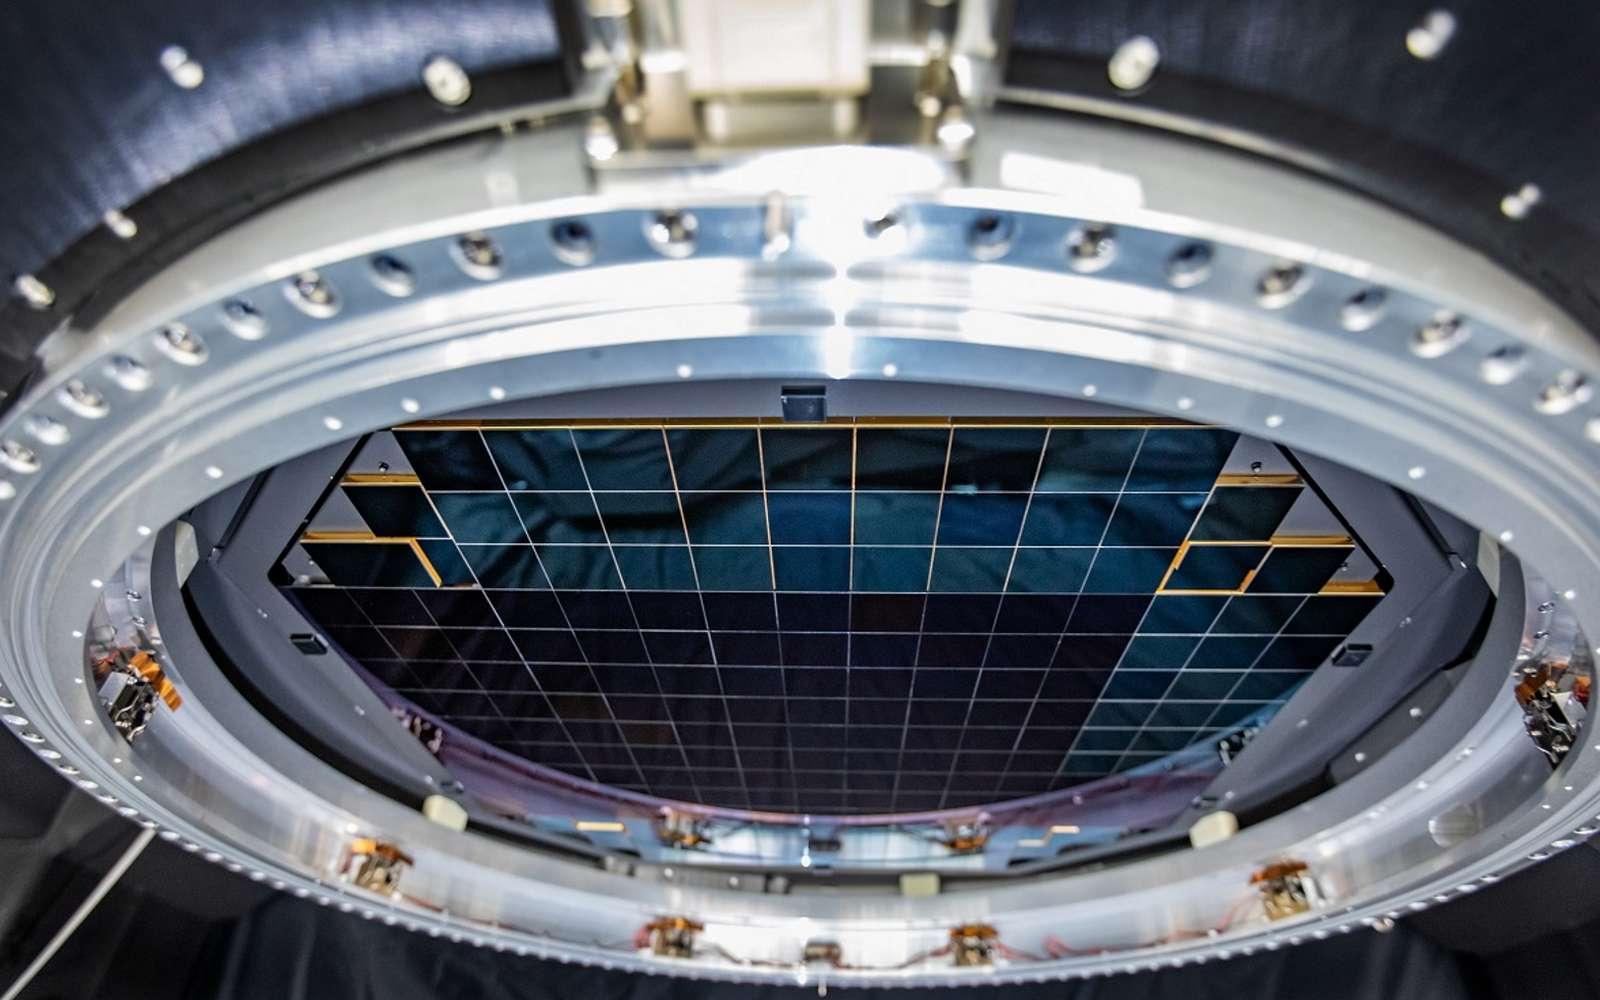 Pour atteindre 3.200 mégapixels, la caméra est composée d'un assemblage de 189 capteurs individuels. © SLAC National Accelerator Laboratory